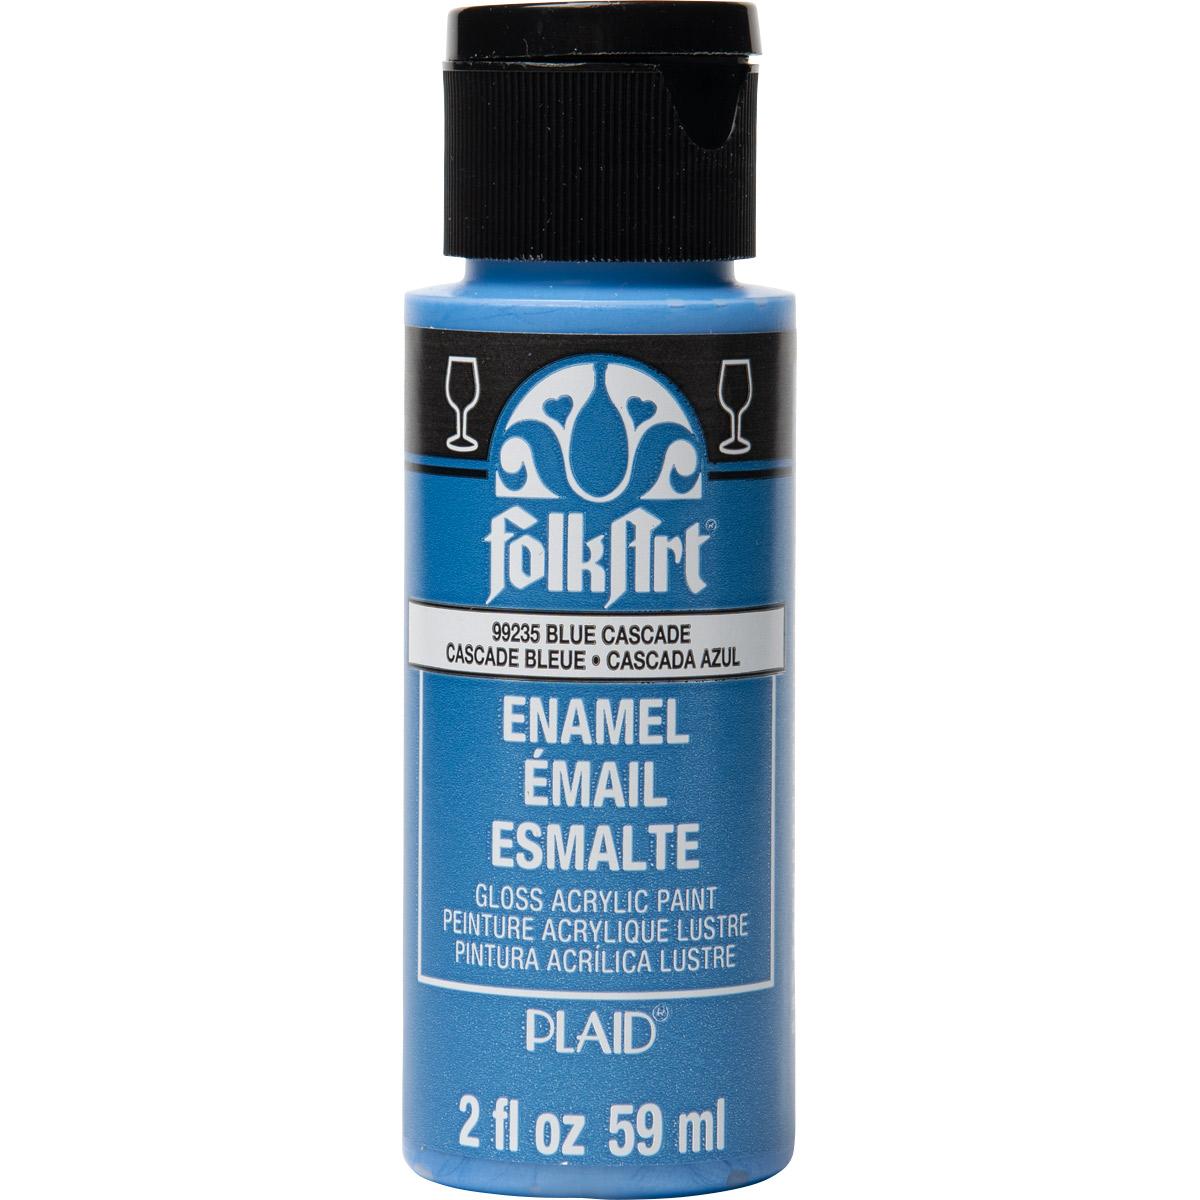 FolkArt ® Enamels™ - Metallic Blue Cascade, 2 oz. - 99235